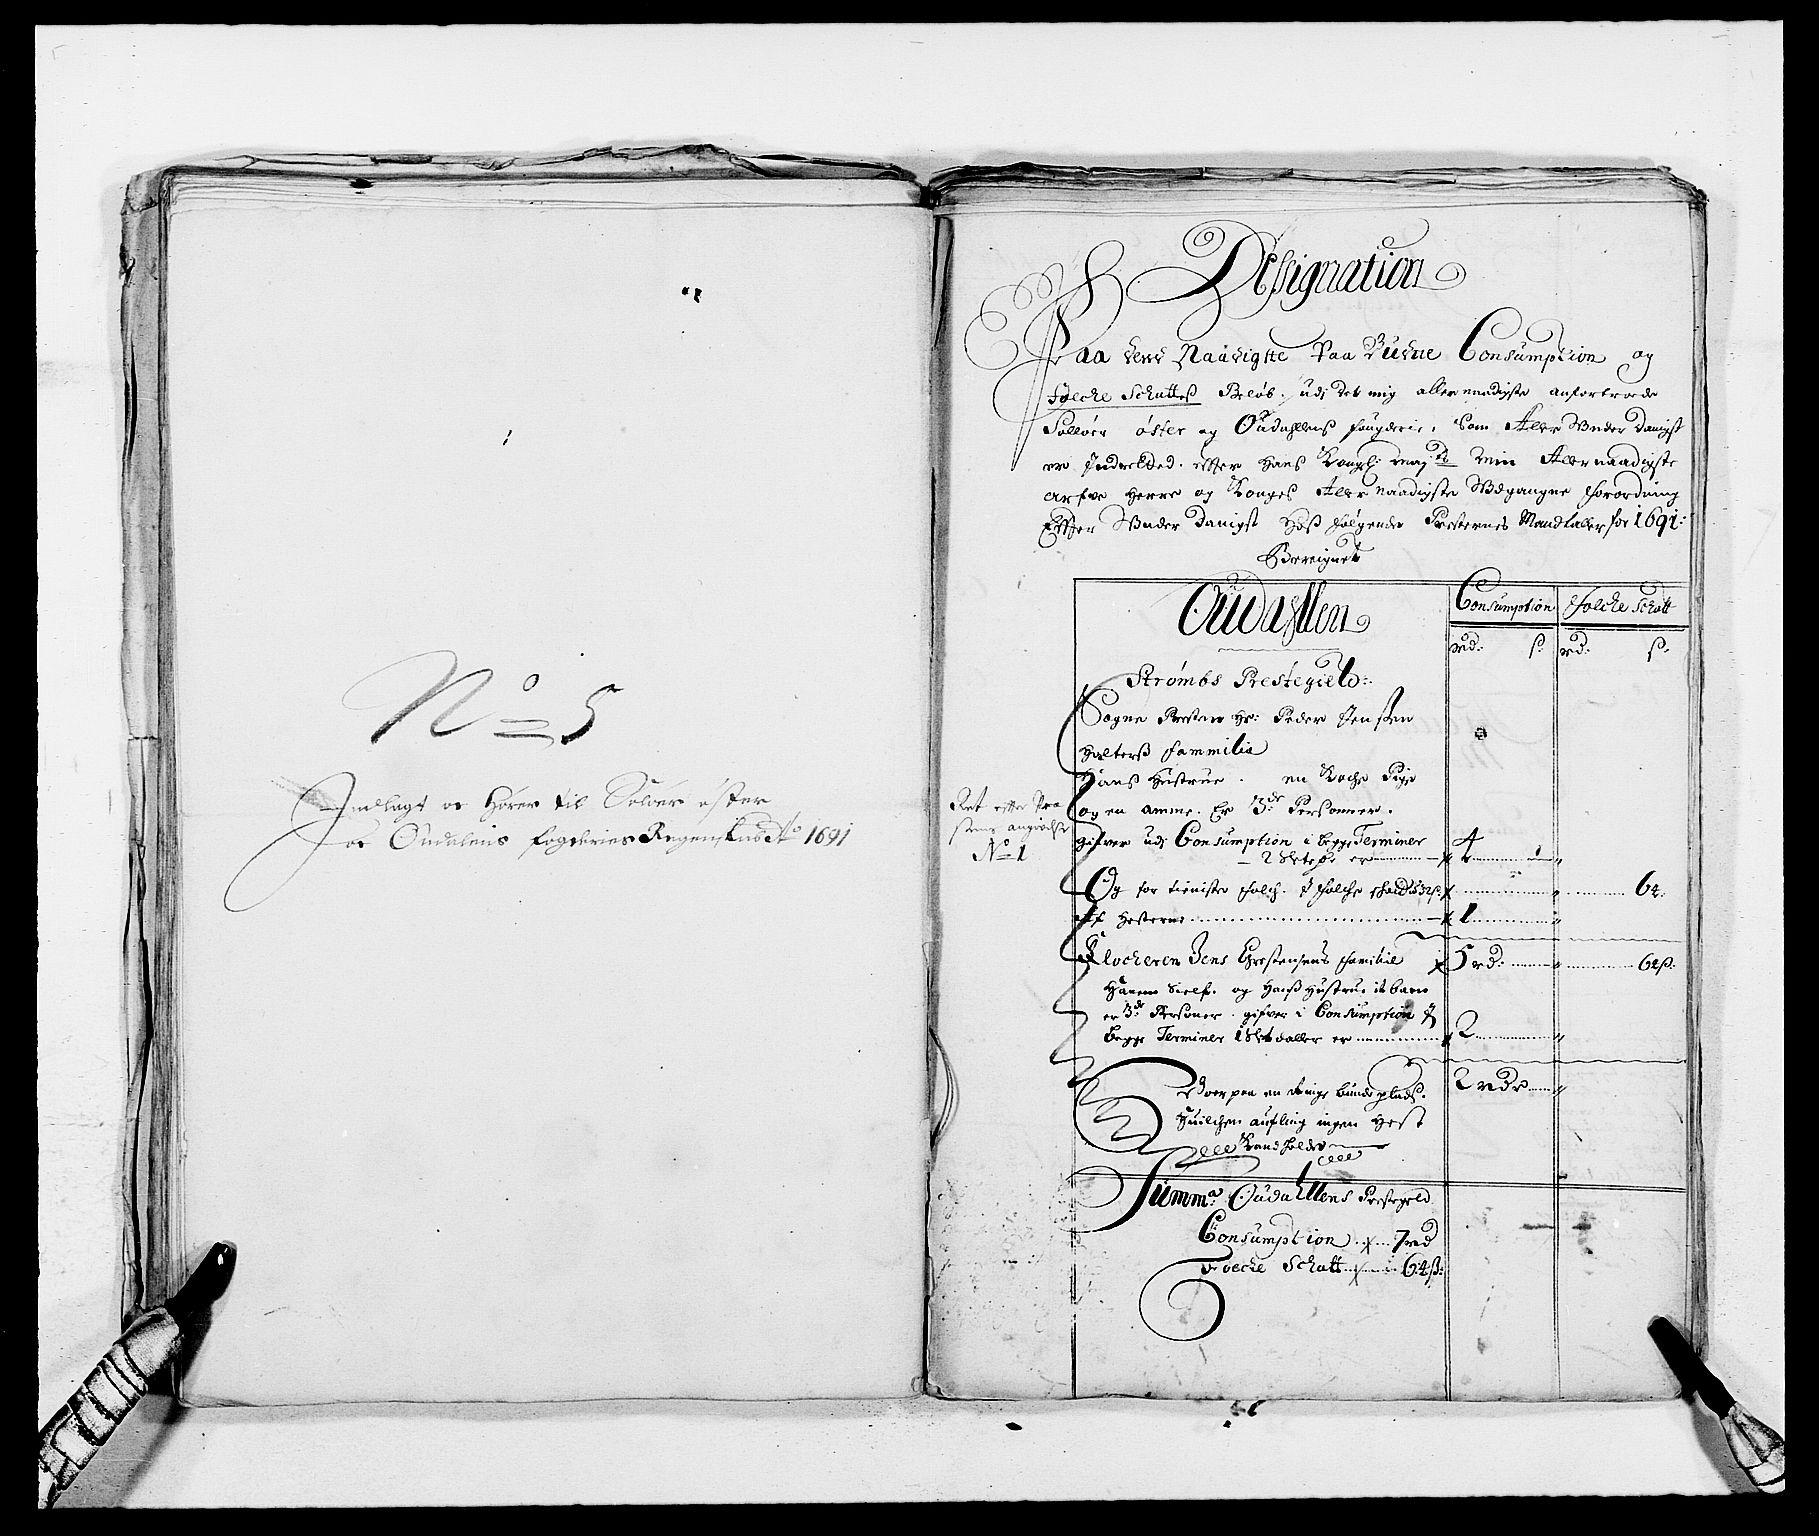 RA, Rentekammeret inntil 1814, Reviderte regnskaper, Fogderegnskap, R13/L0829: Fogderegnskap Solør, Odal og Østerdal, 1691, s. 325